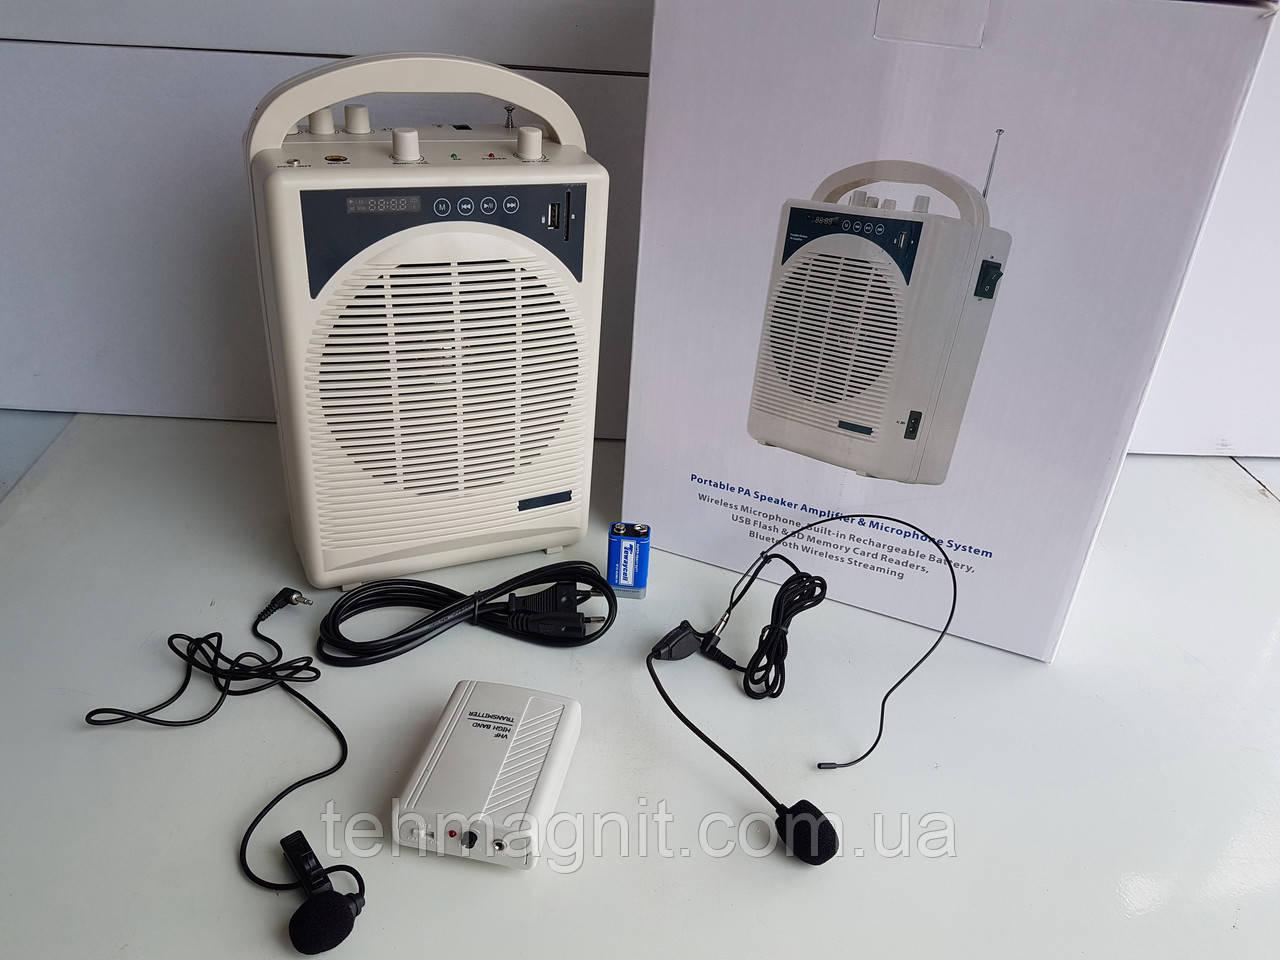 Профессиональный громкоговоритель с радиомикрофоном 3200-Bluetooth, портативный беспроводной усилитель